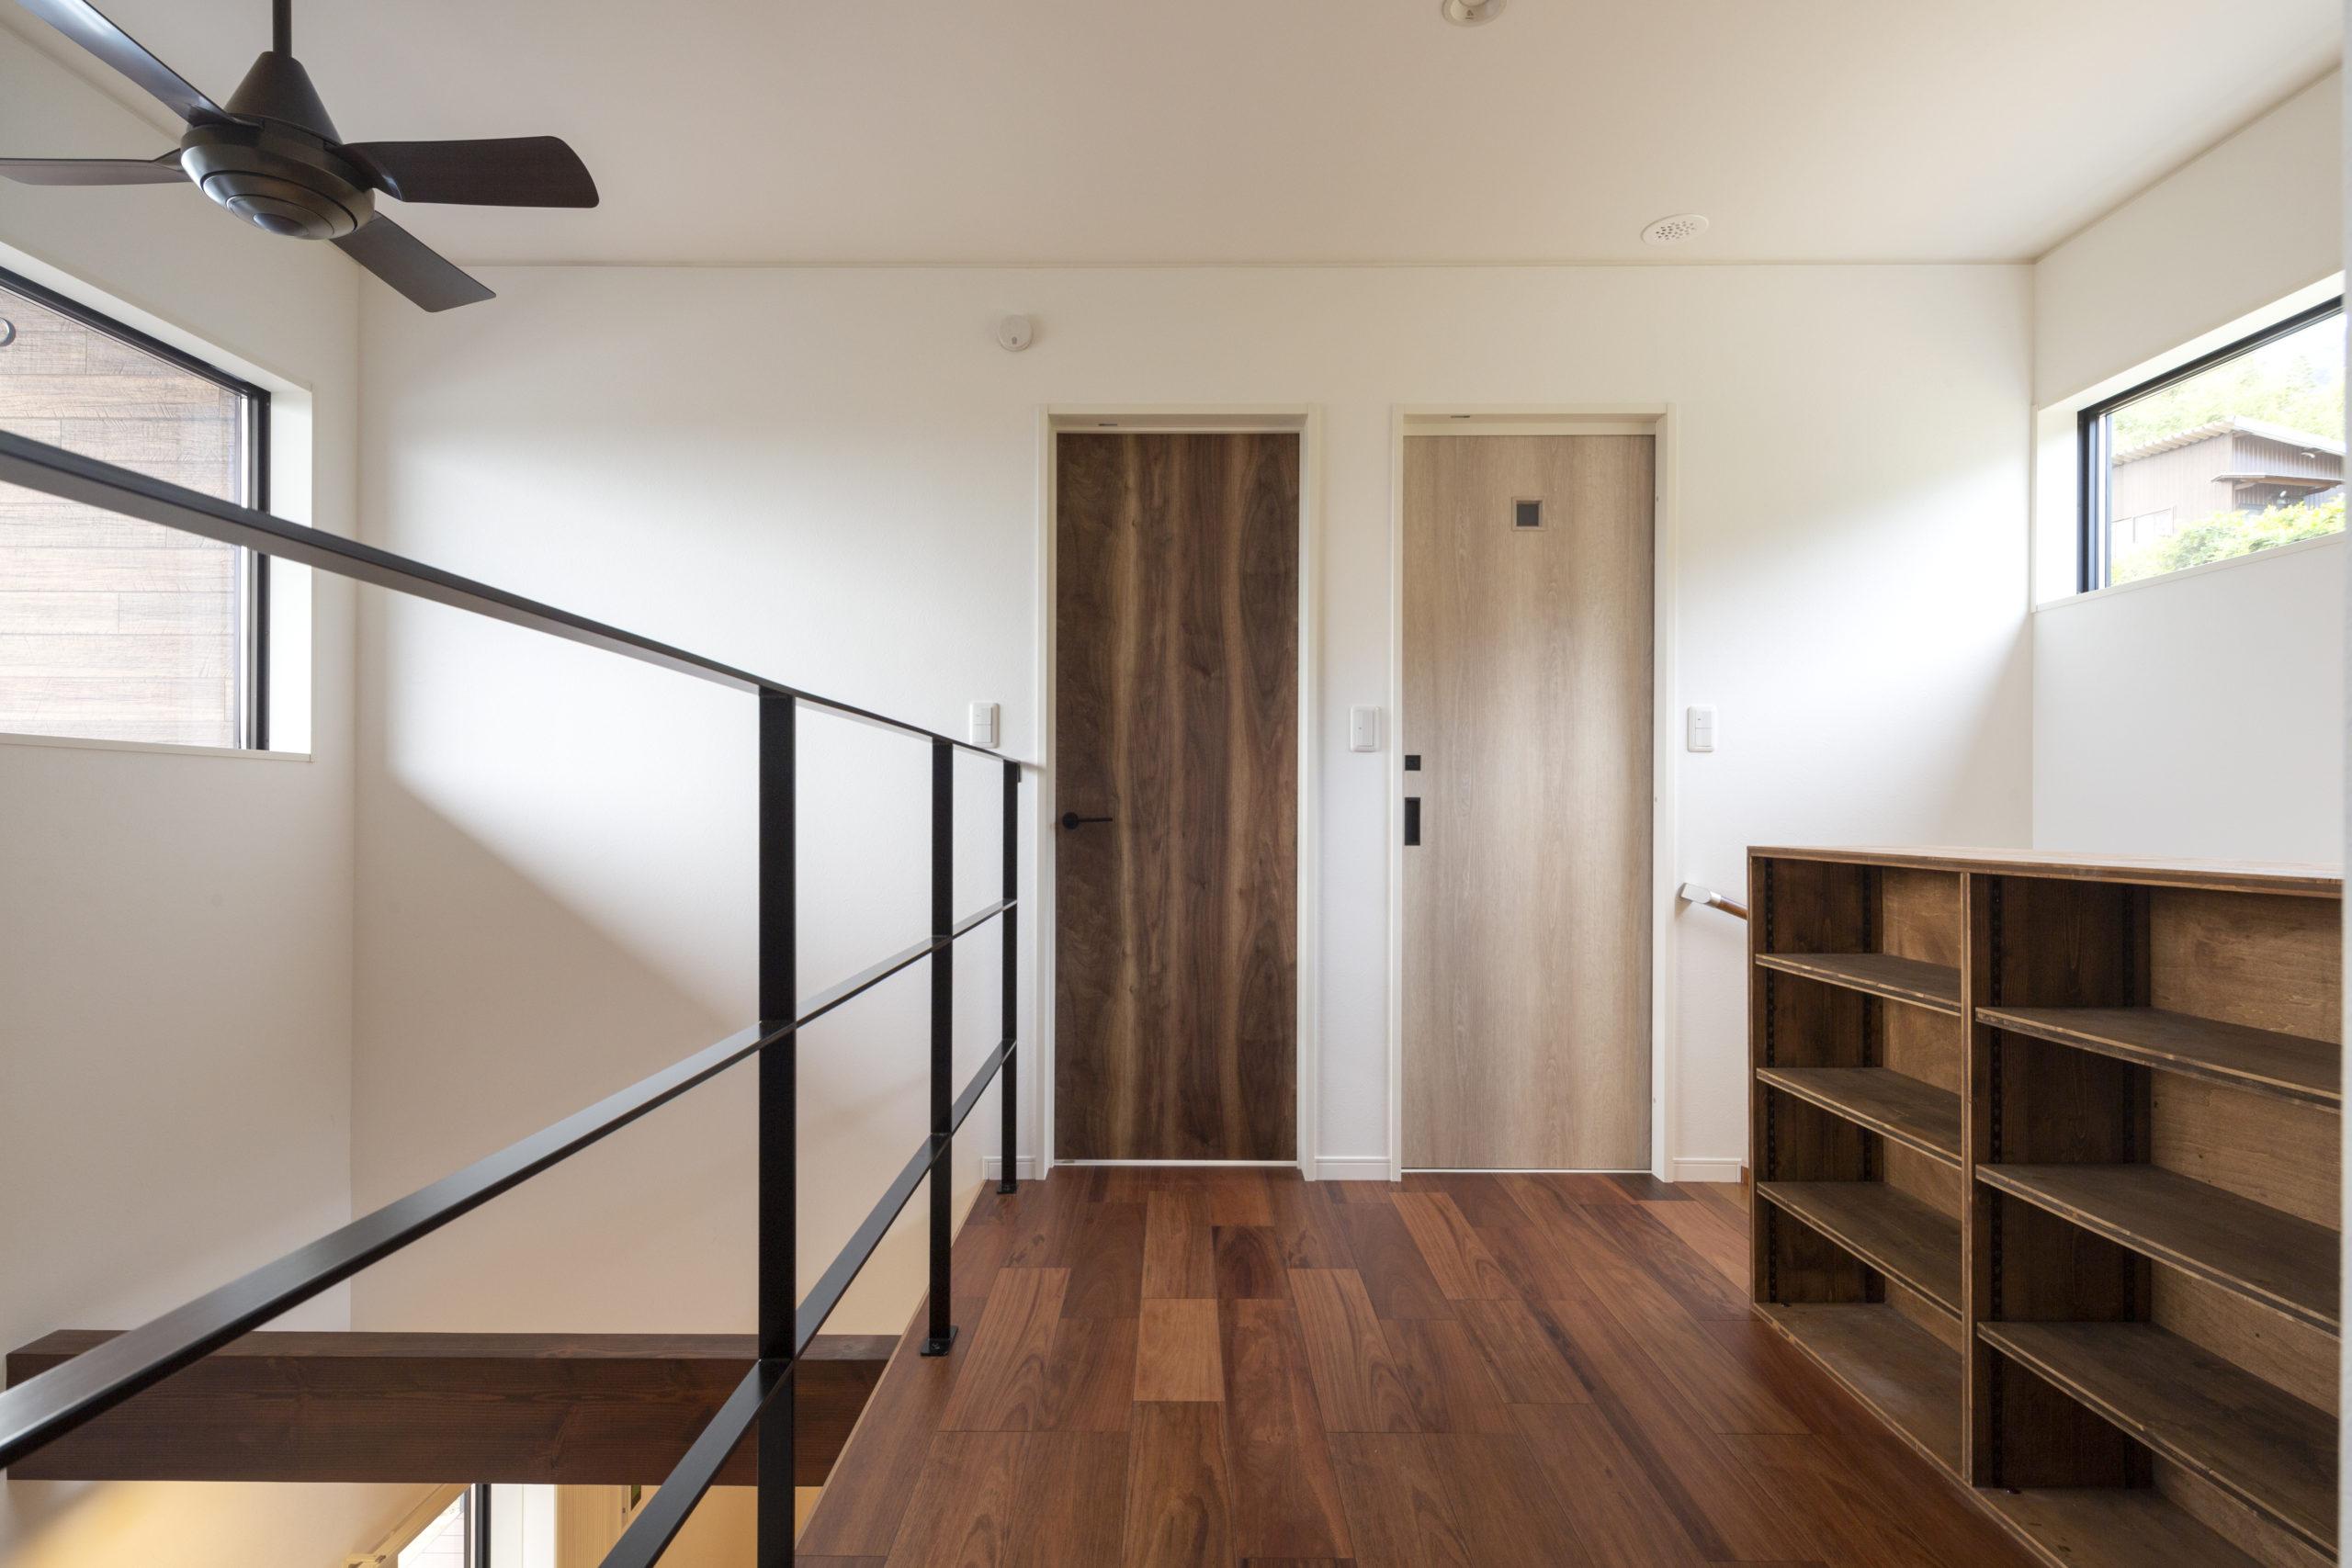 福山市の注文住宅|今井住建の家づくり「標準仕様」